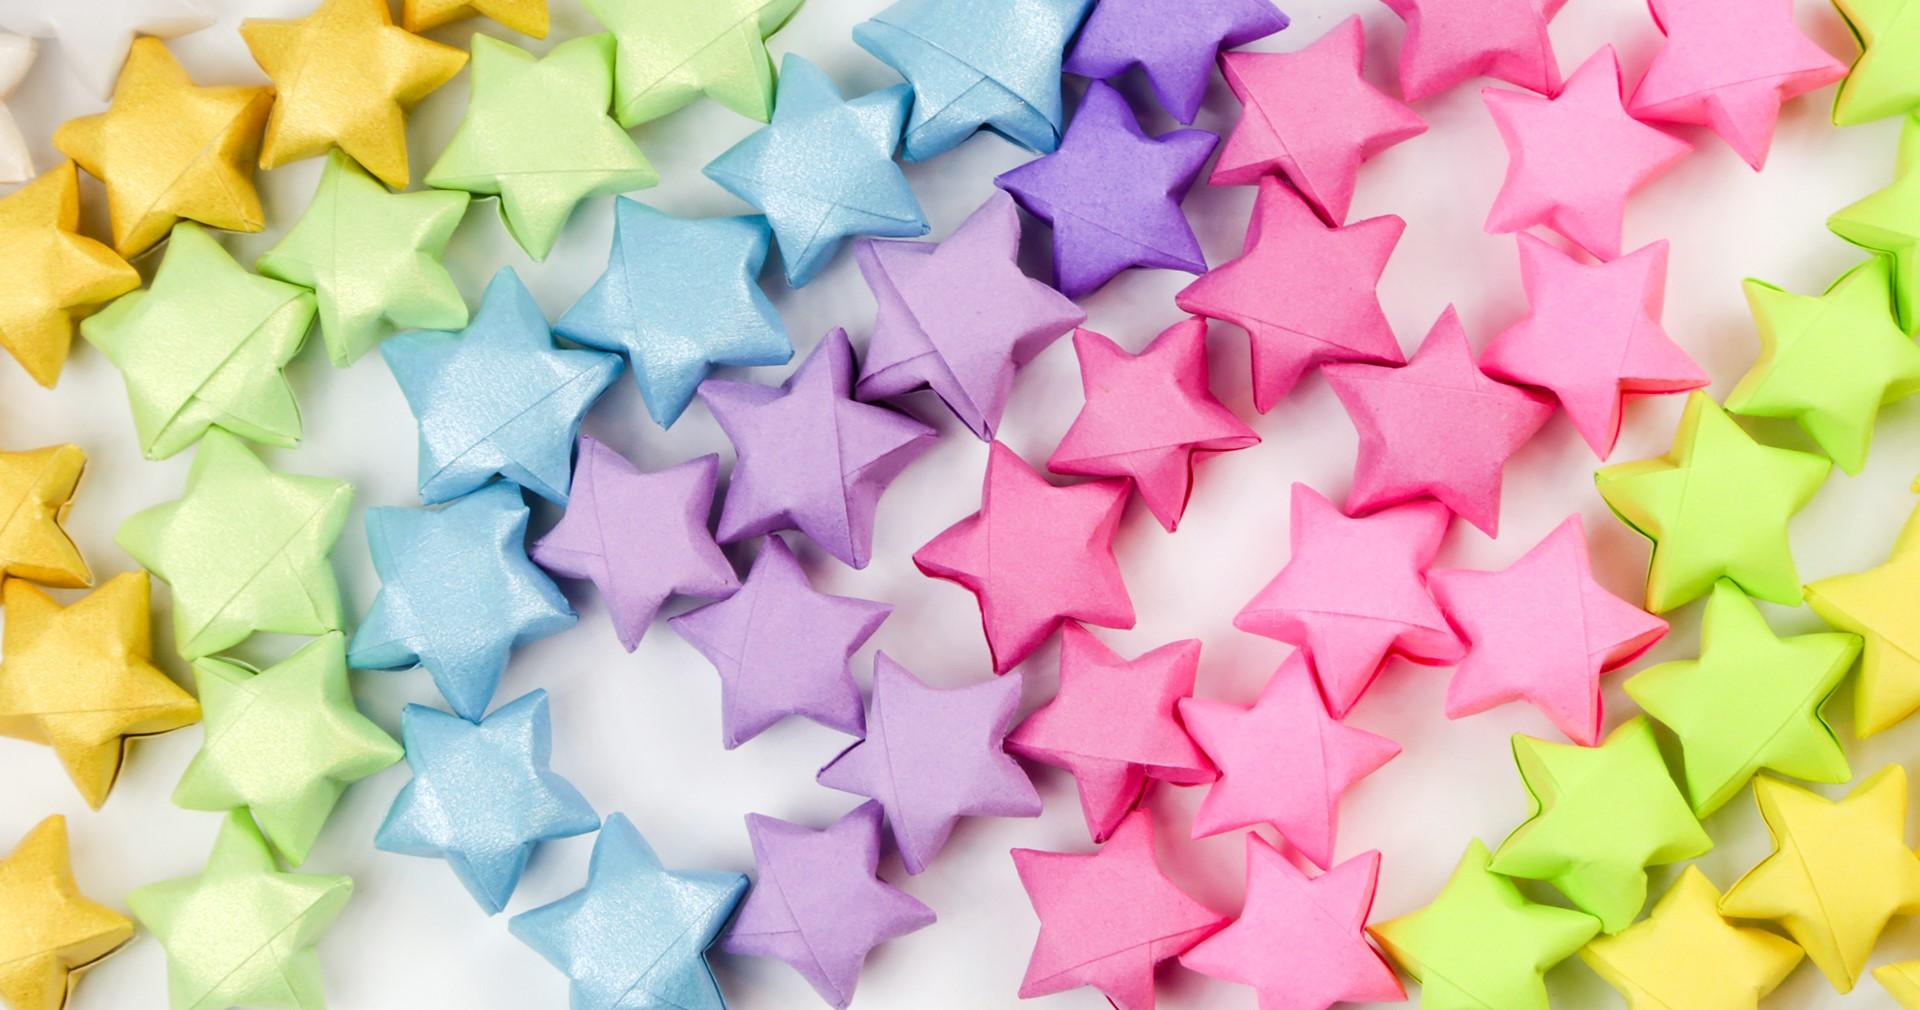 Cependant, lorsque l'origami a été pratiqué pour la première fois, ce n'était un métier que pour l'élite.